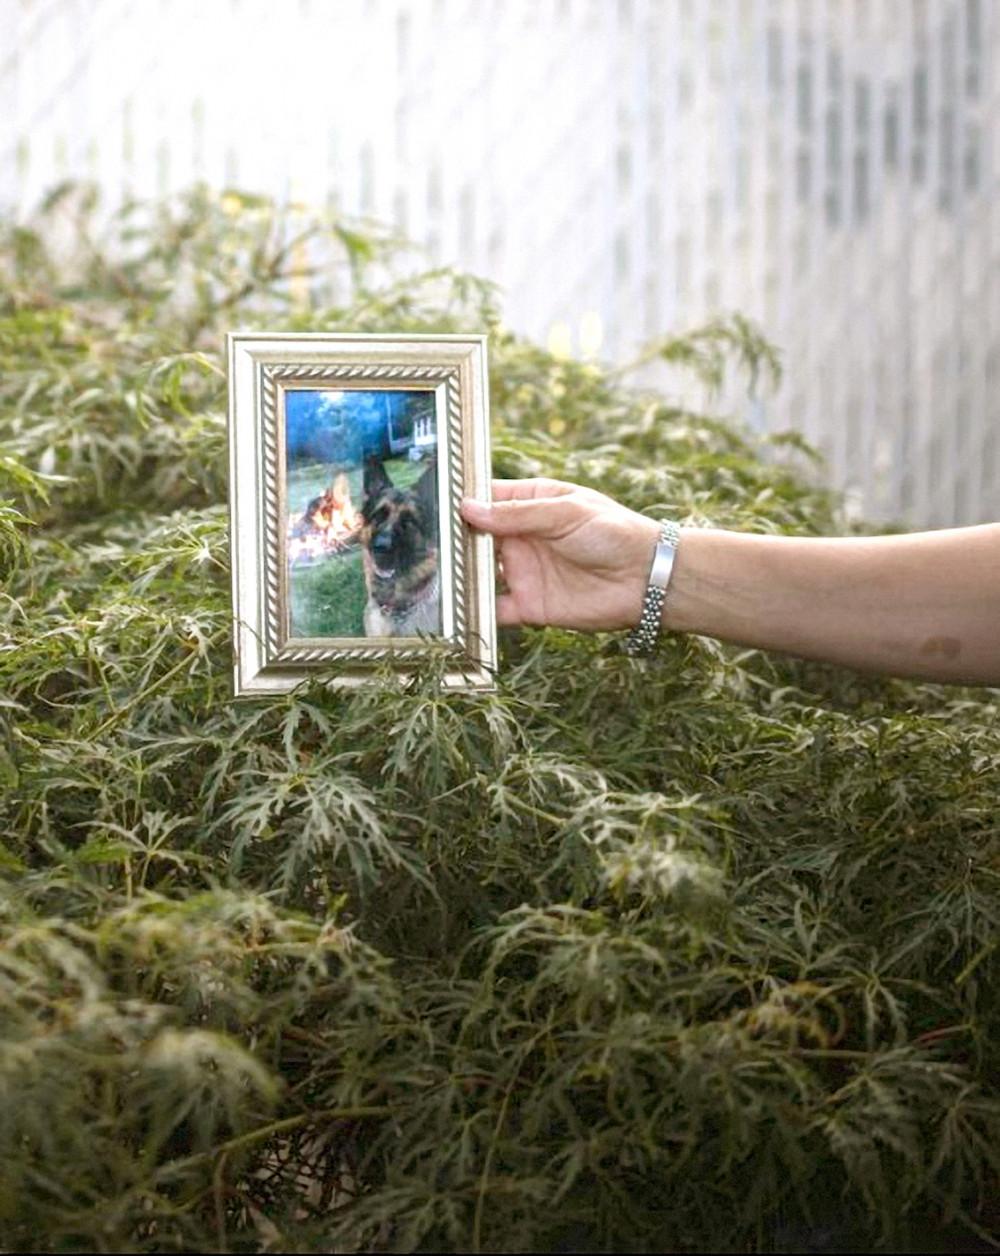 """Allison Mahoney cho xem """"di ảnh"""" chụp Buddy - chú chó chăn cừu giống Đức 7 tuổi dương tính với COVID-19 - tại nhà cô ở Staten Island, New York, Mỹ - Ảnh: Kholood Eid"""